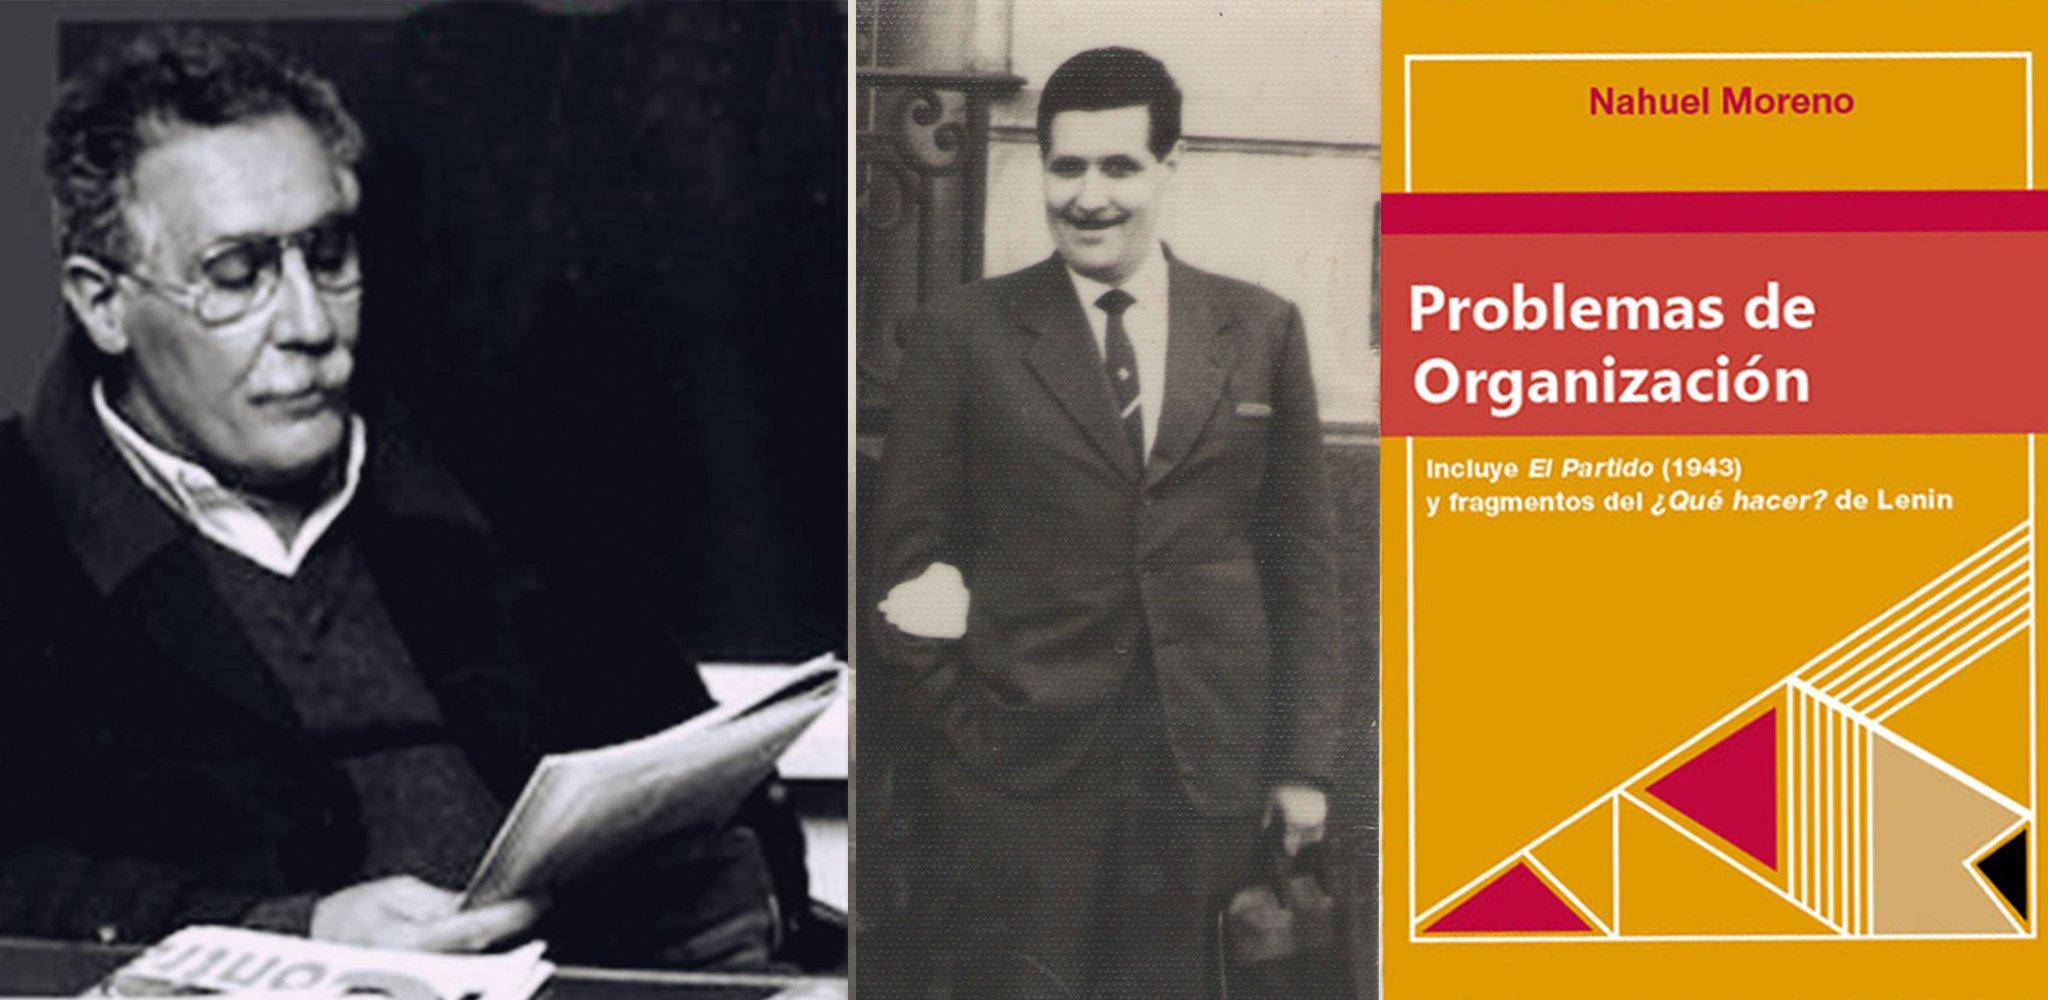 PROBLEMAS DE ORGANIZACIÓN (1984)